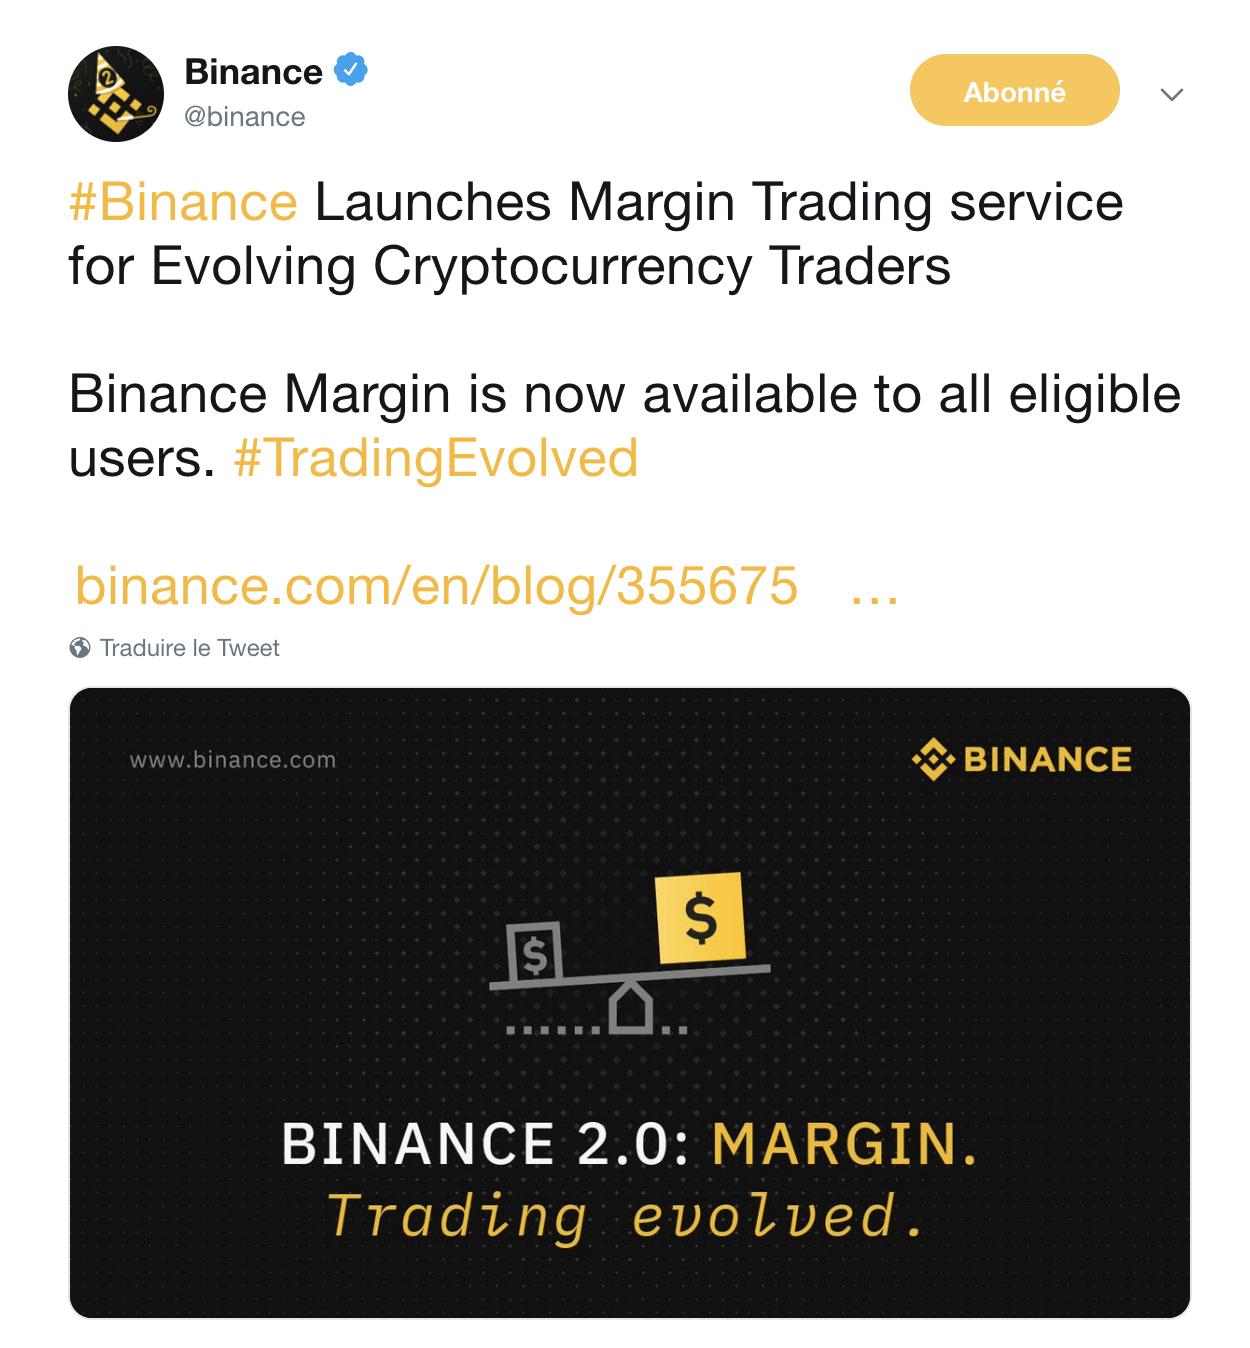 CZ, le CEO de Binance qui annonce le lancement officiel du Margin Trading prévu pour le 14 juillet 2019.